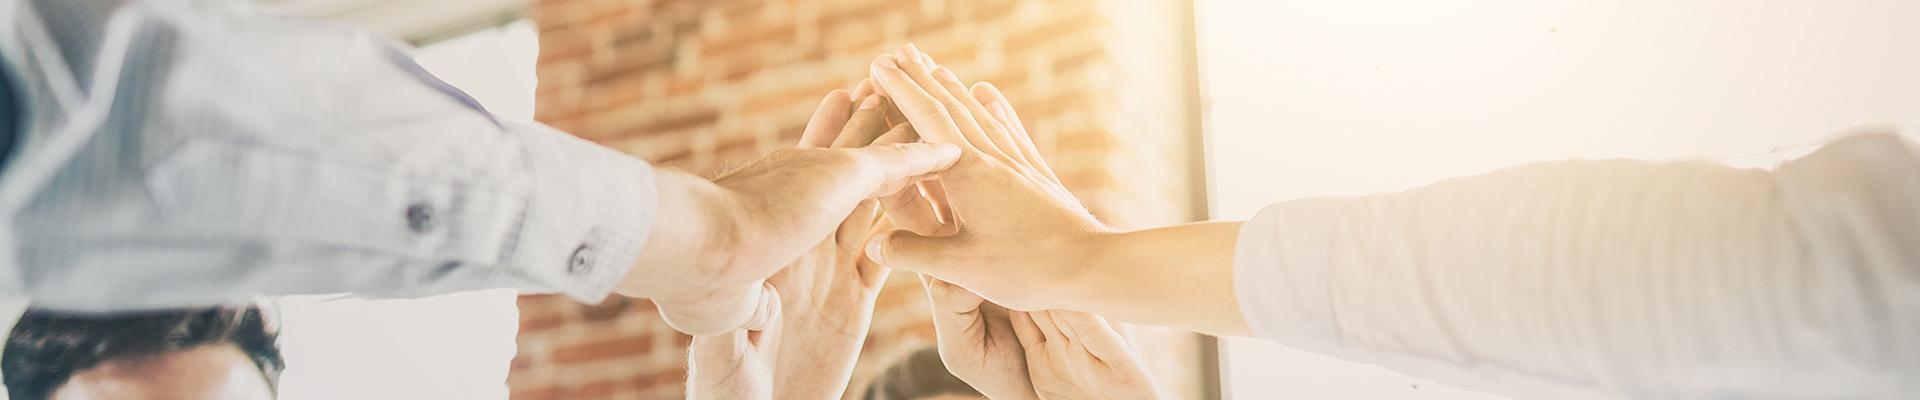 banner-5-formas-de-implementar-el-salario-emocional